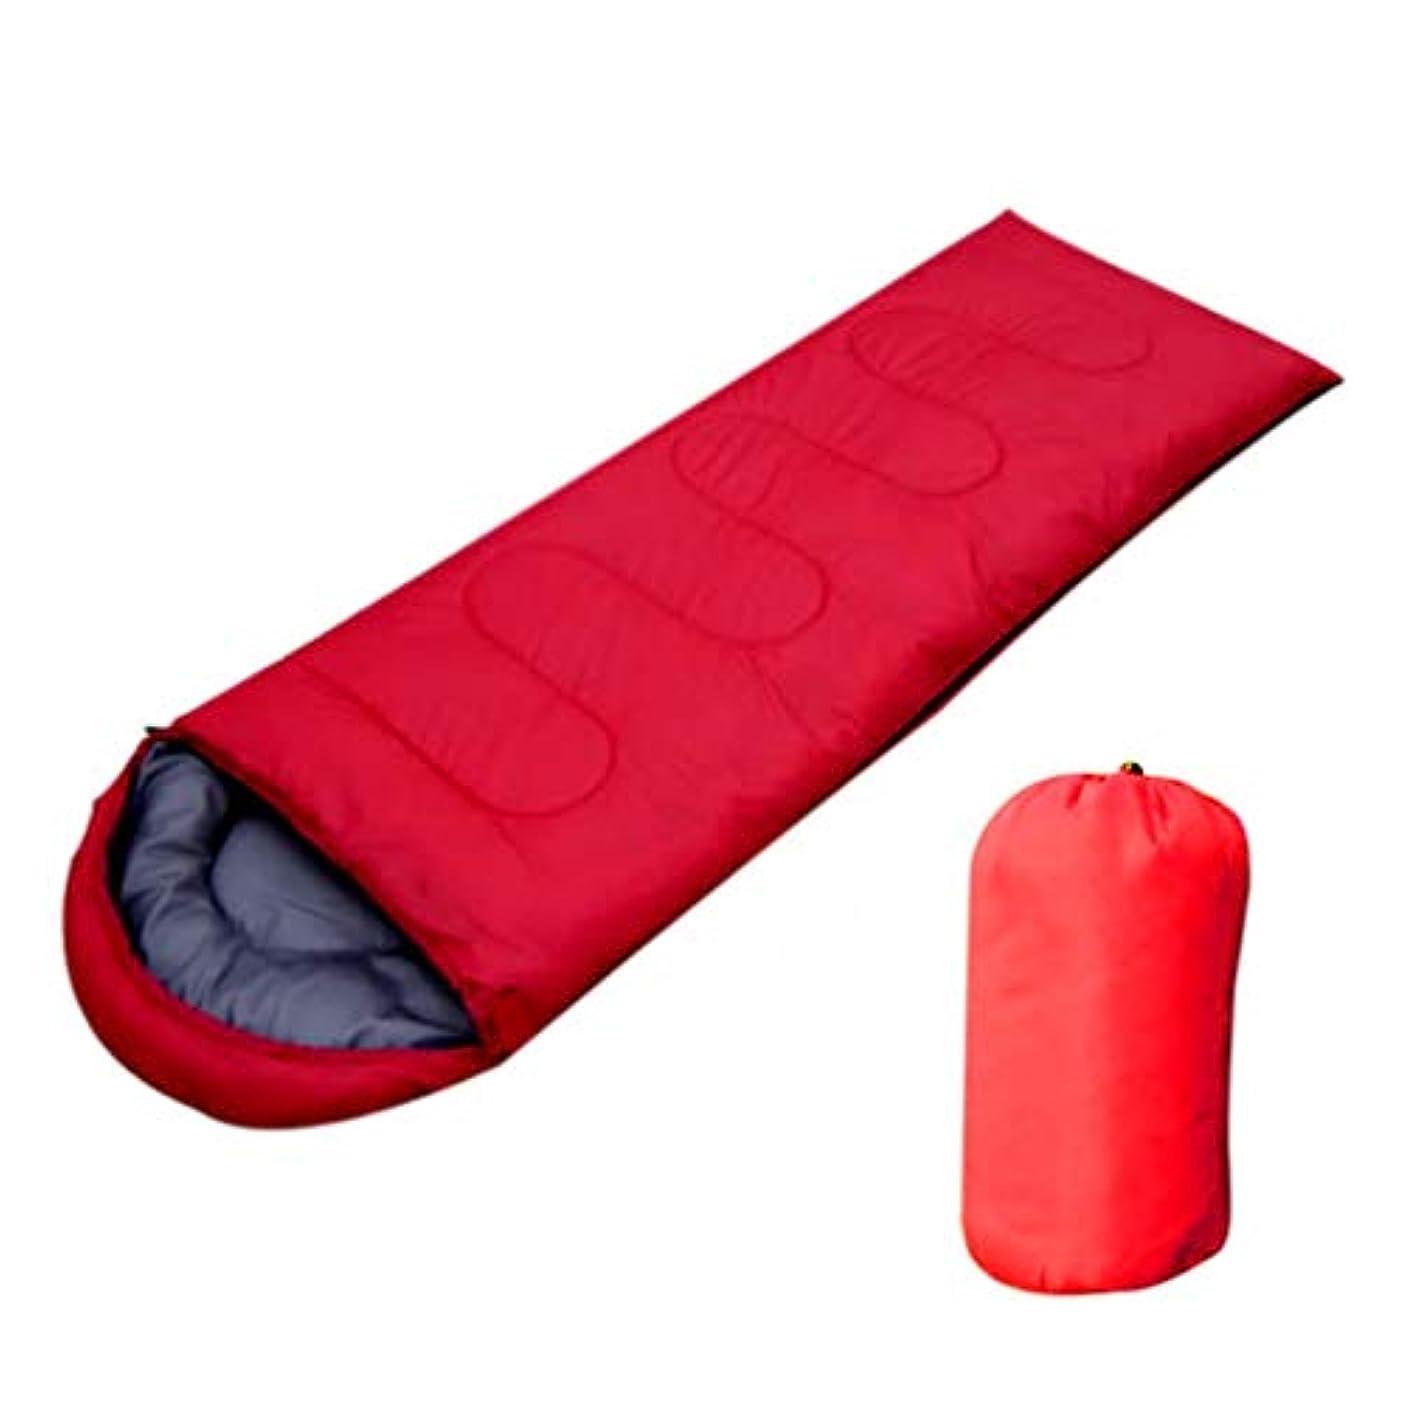 謙虚な行商脚本屋外のキャンプの寝袋4シーズンのキャンプの寝袋夏のキャンプや野外活動180 * 30 * 75